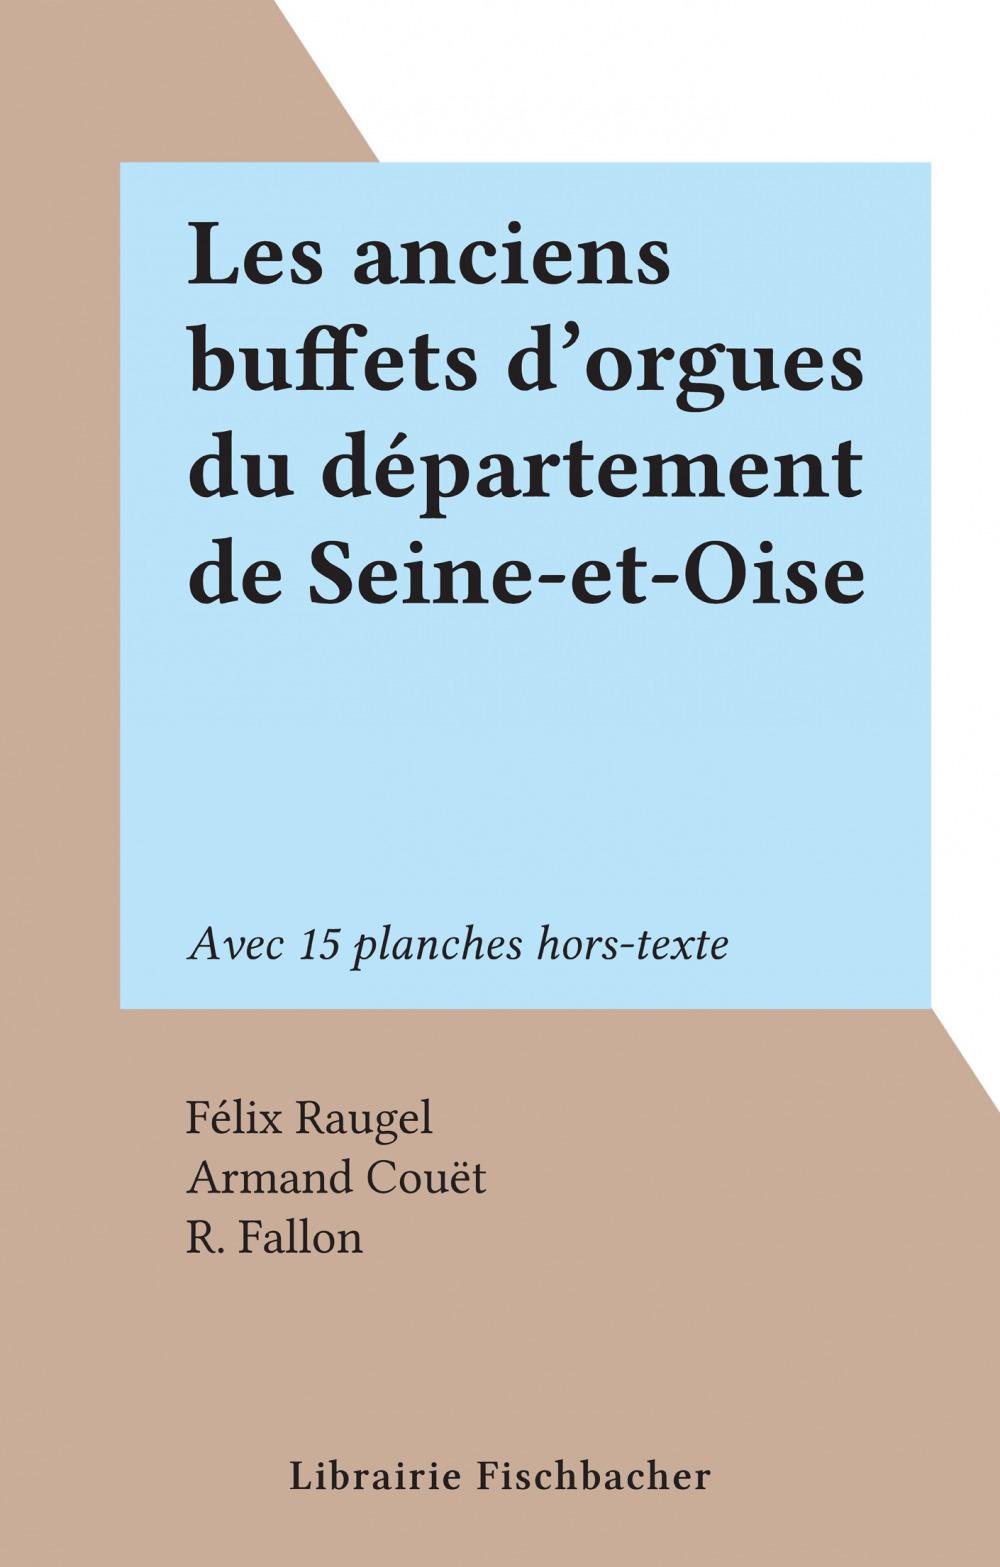 Les anciens buffets d'orgues du département de Seine-et-Oise